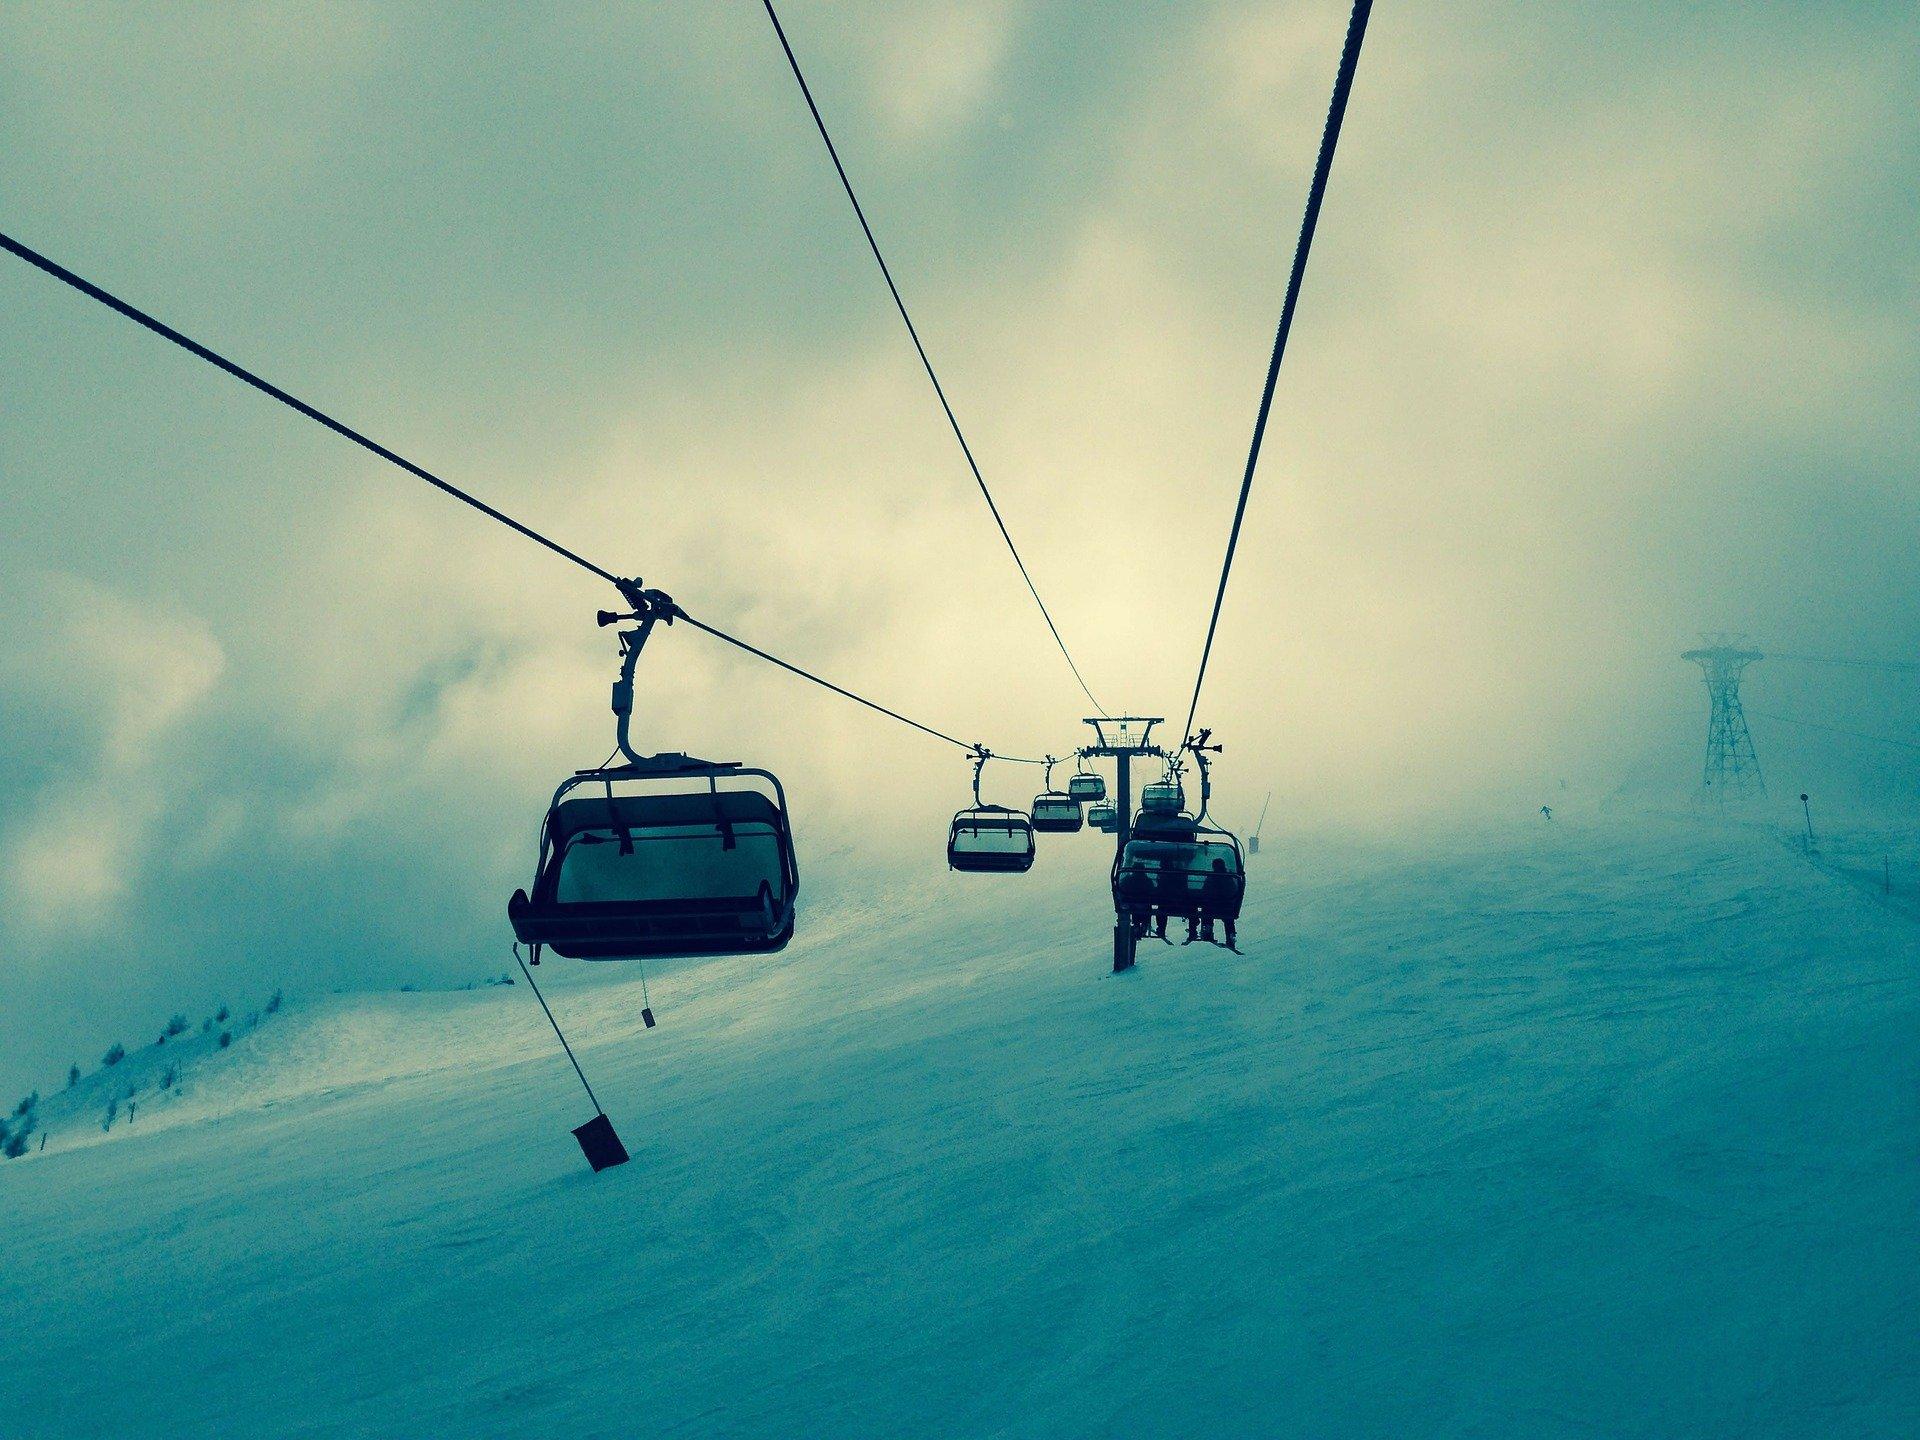 ski lift 336534 1920.jpg?resize=300,169 - Des skieurs bloqués sur un télésiège sont évacués par hélicoptère